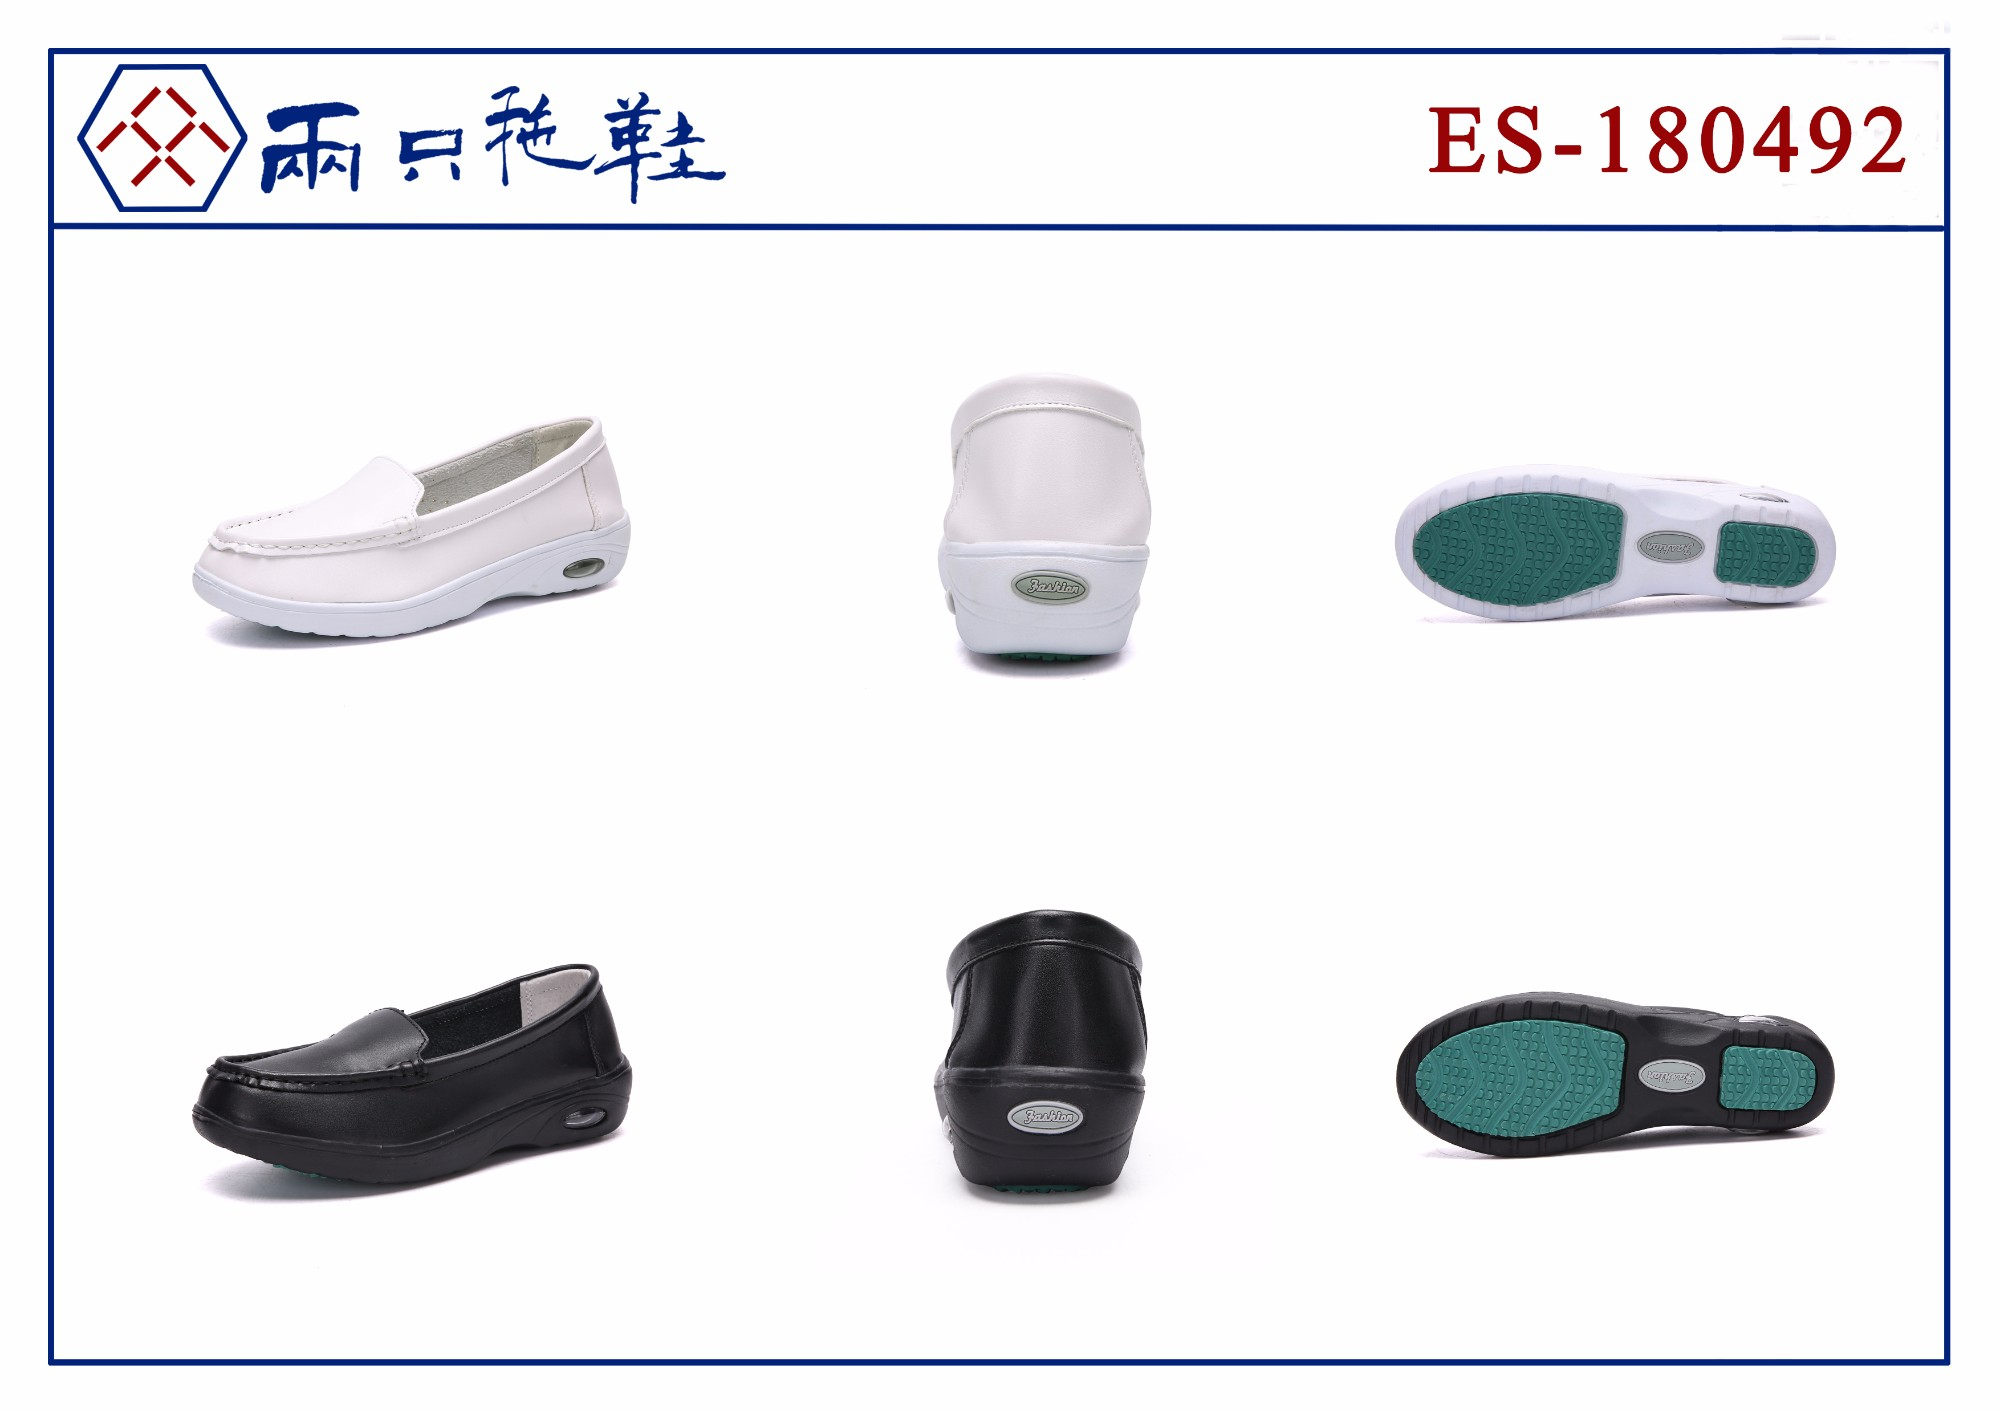 Casual nurse's shoes